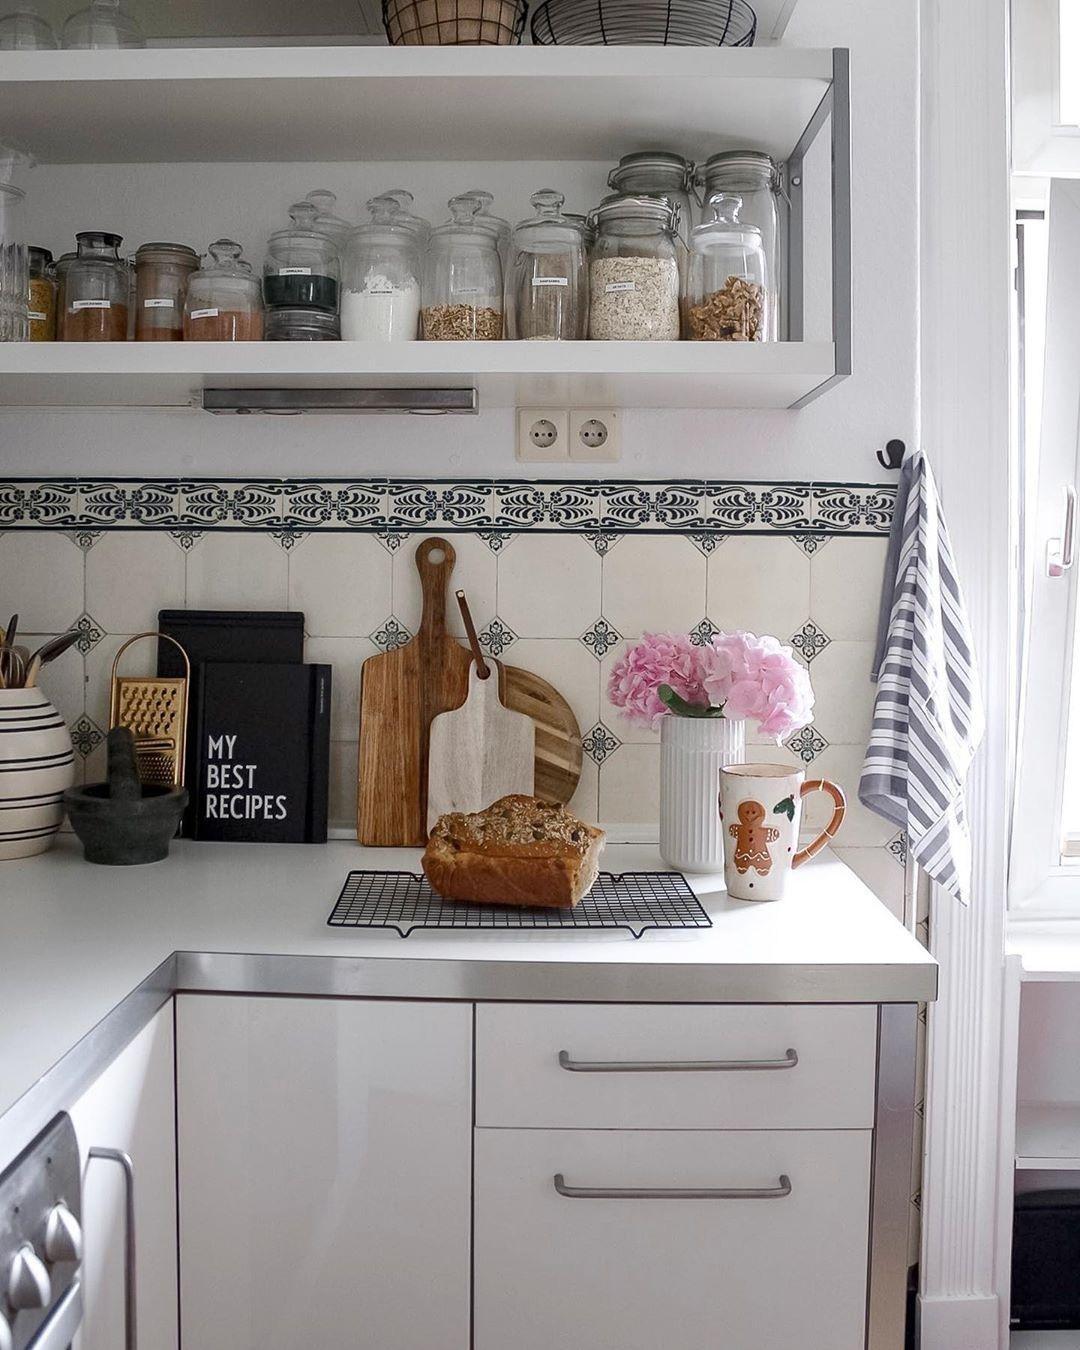 Full Size of Küche Aufbewahrung Plastikfreie Küche Aufbewahrung Küche Aufbewahrung Wand Küche Aufbewahrung Kunststoff Küche Küche Aufbewahrung